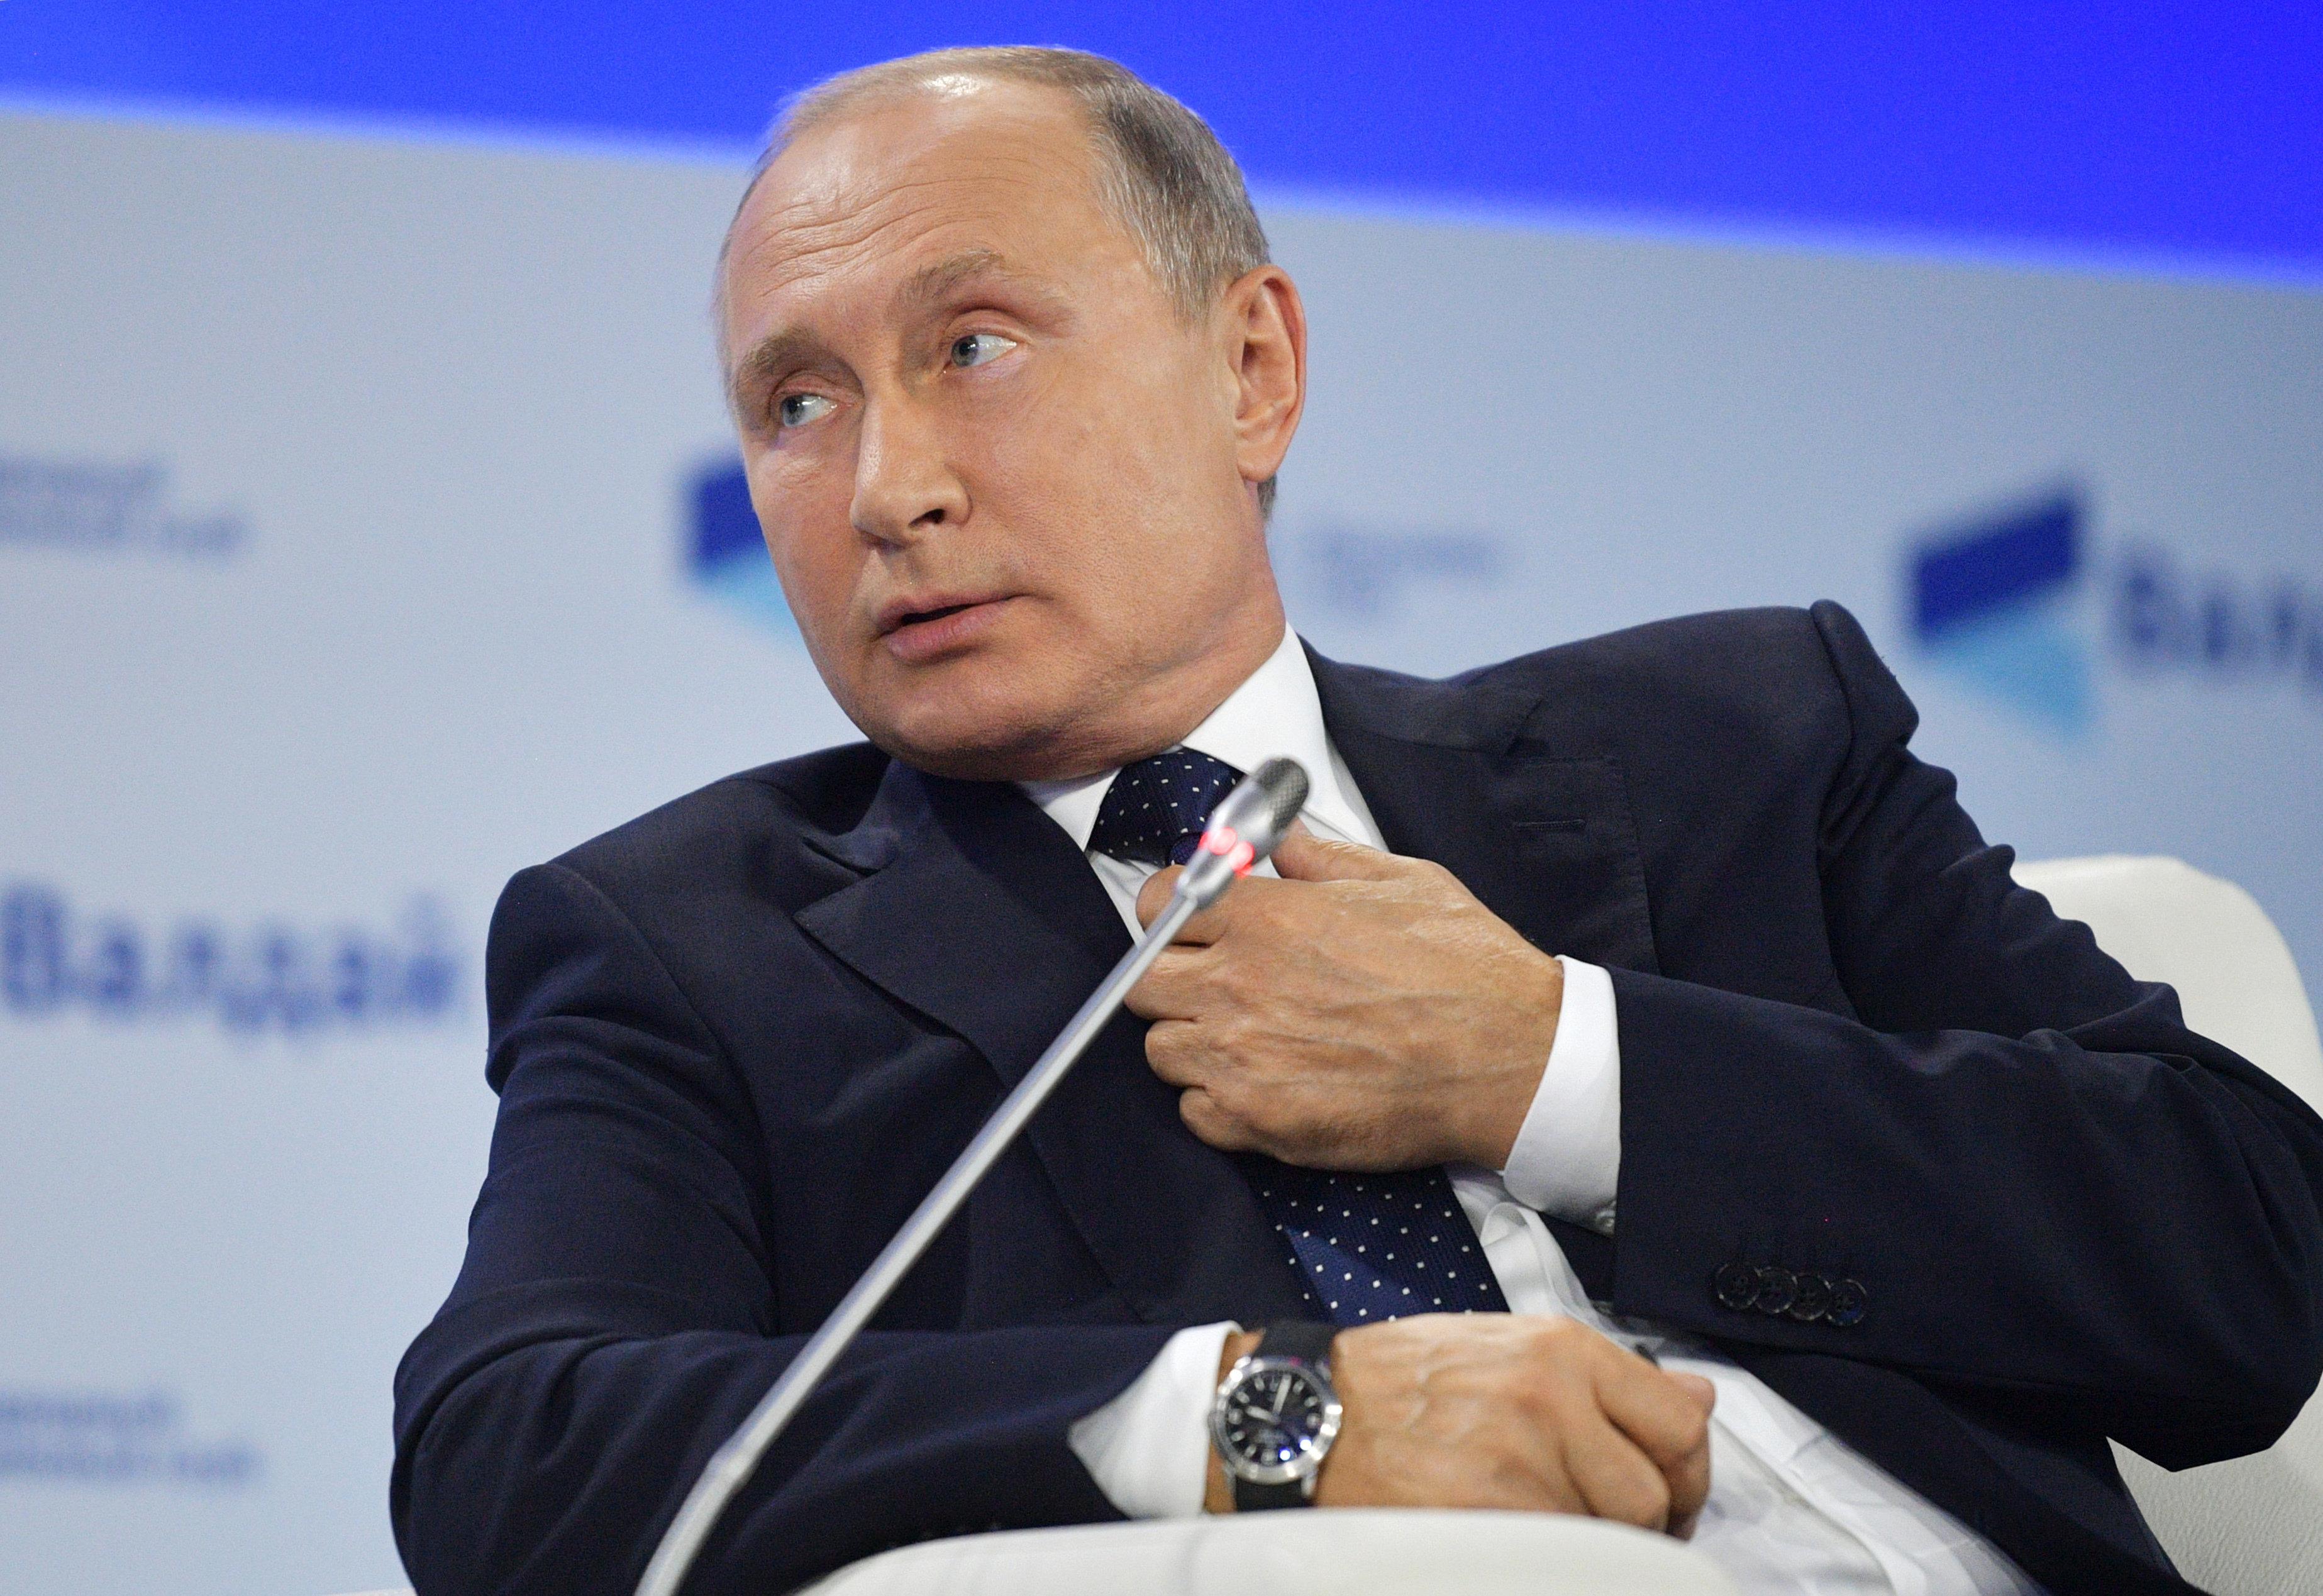 El presidente ruso Vladimir Putin hace declaraciones durante una reunión del Club Internacional de Discusión Valdai en Sochi, Rusia, el jueves 18 de octubre de 2018. (Alexei Druzhinin, Sputnik, Pool del Kremlin vía AP)